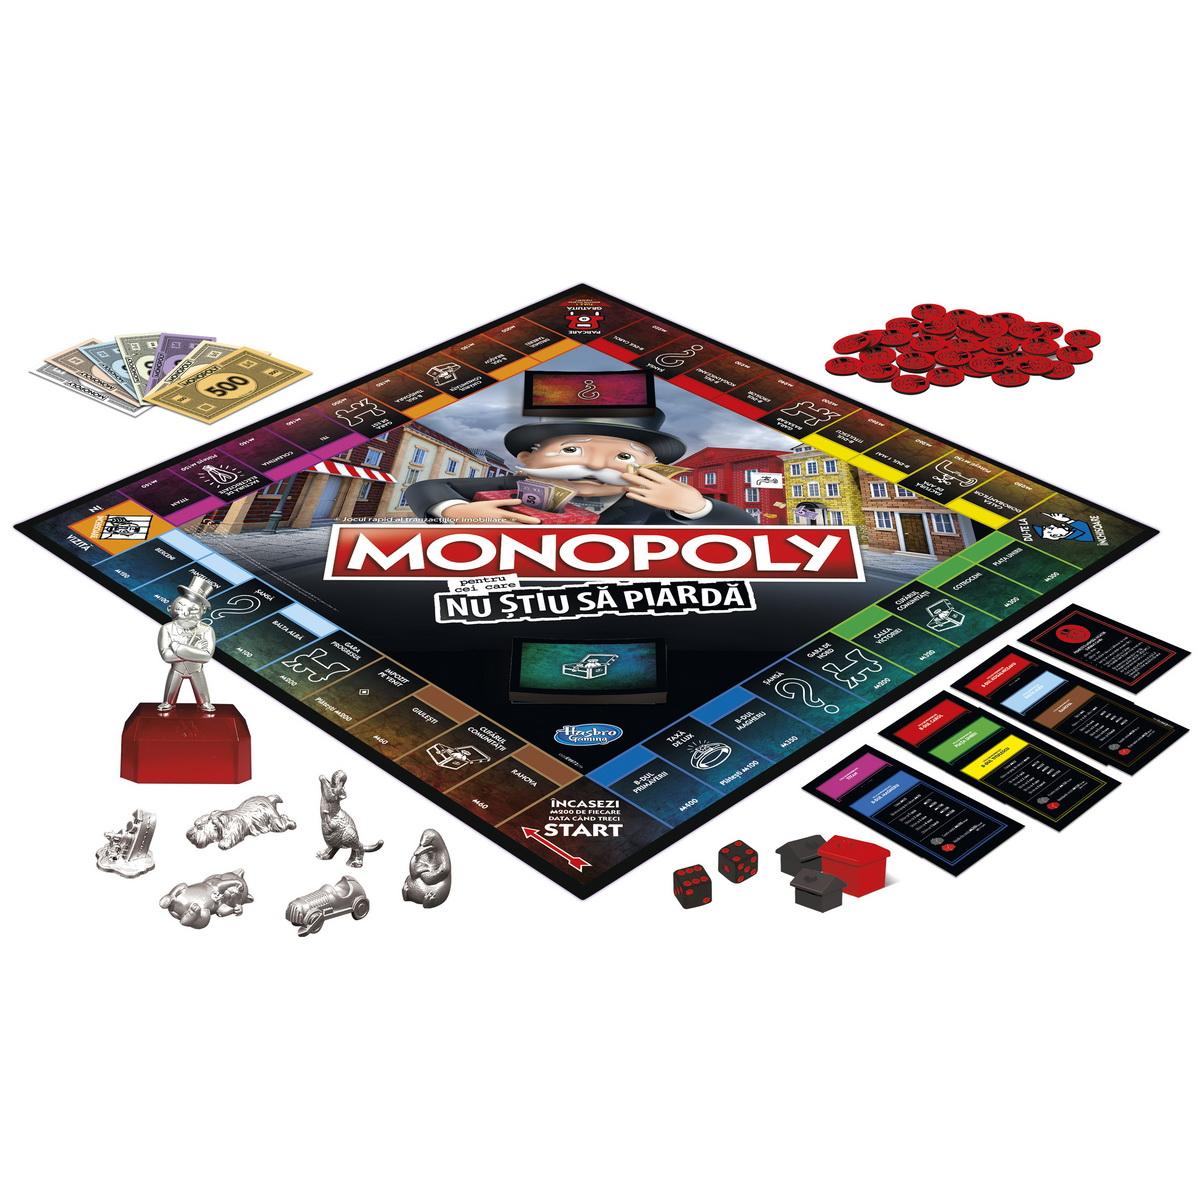 Monopoly - Pentru cei care nu stiu sa piarda | Hasbro - 4